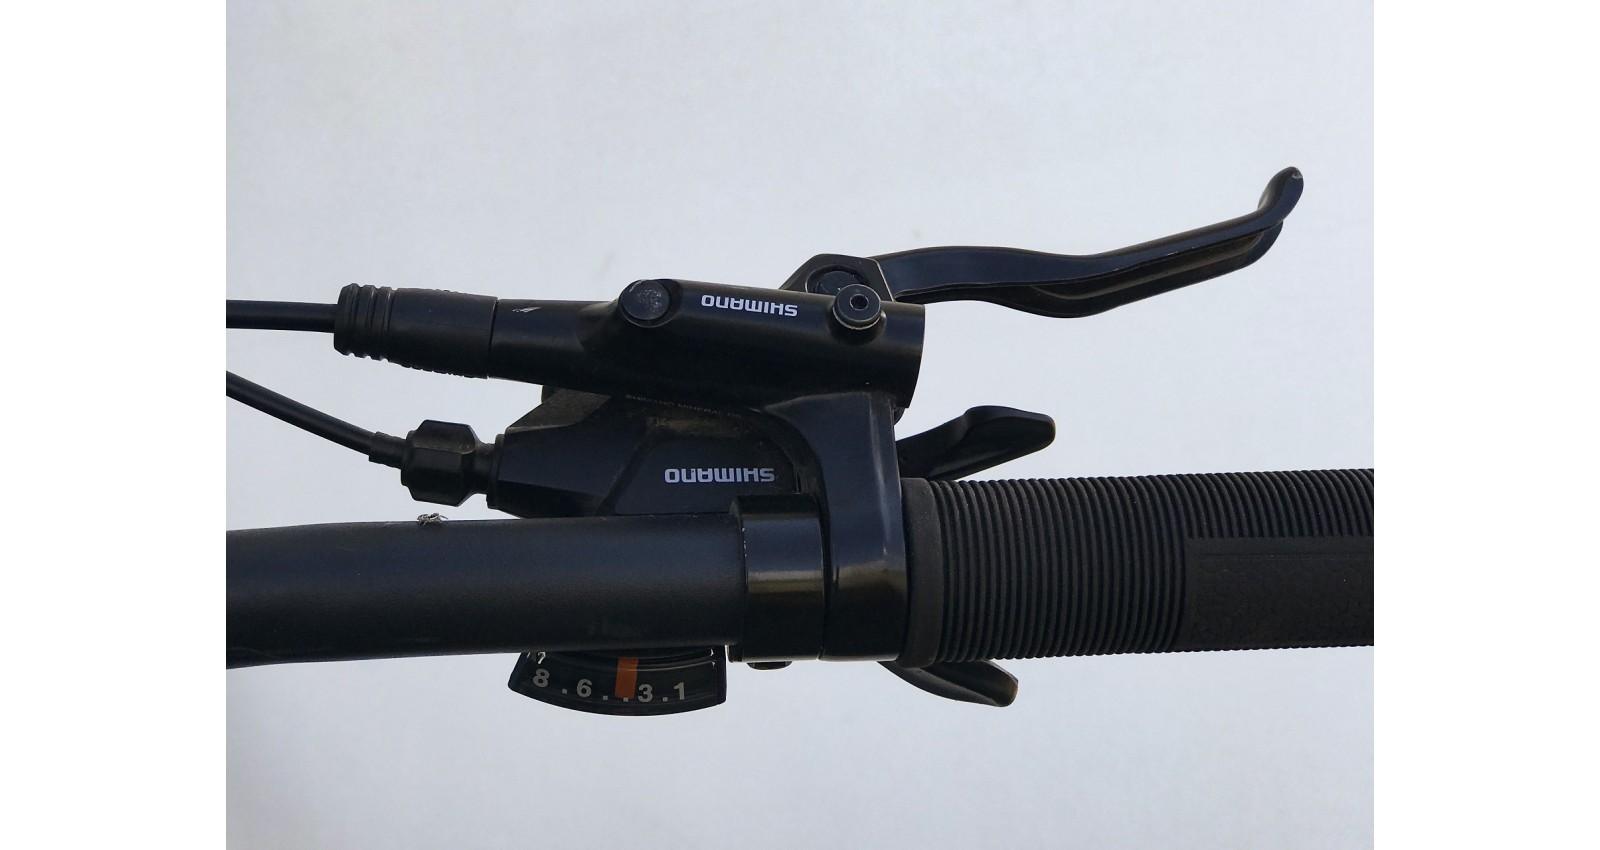 """Велосипед М600 Expert Pro Trinx 29"""" рама 17, 2020 черный/серый/голубой б/у - № Фото 1 - № Фото 2 - № Фото 3 - № Фото 4"""